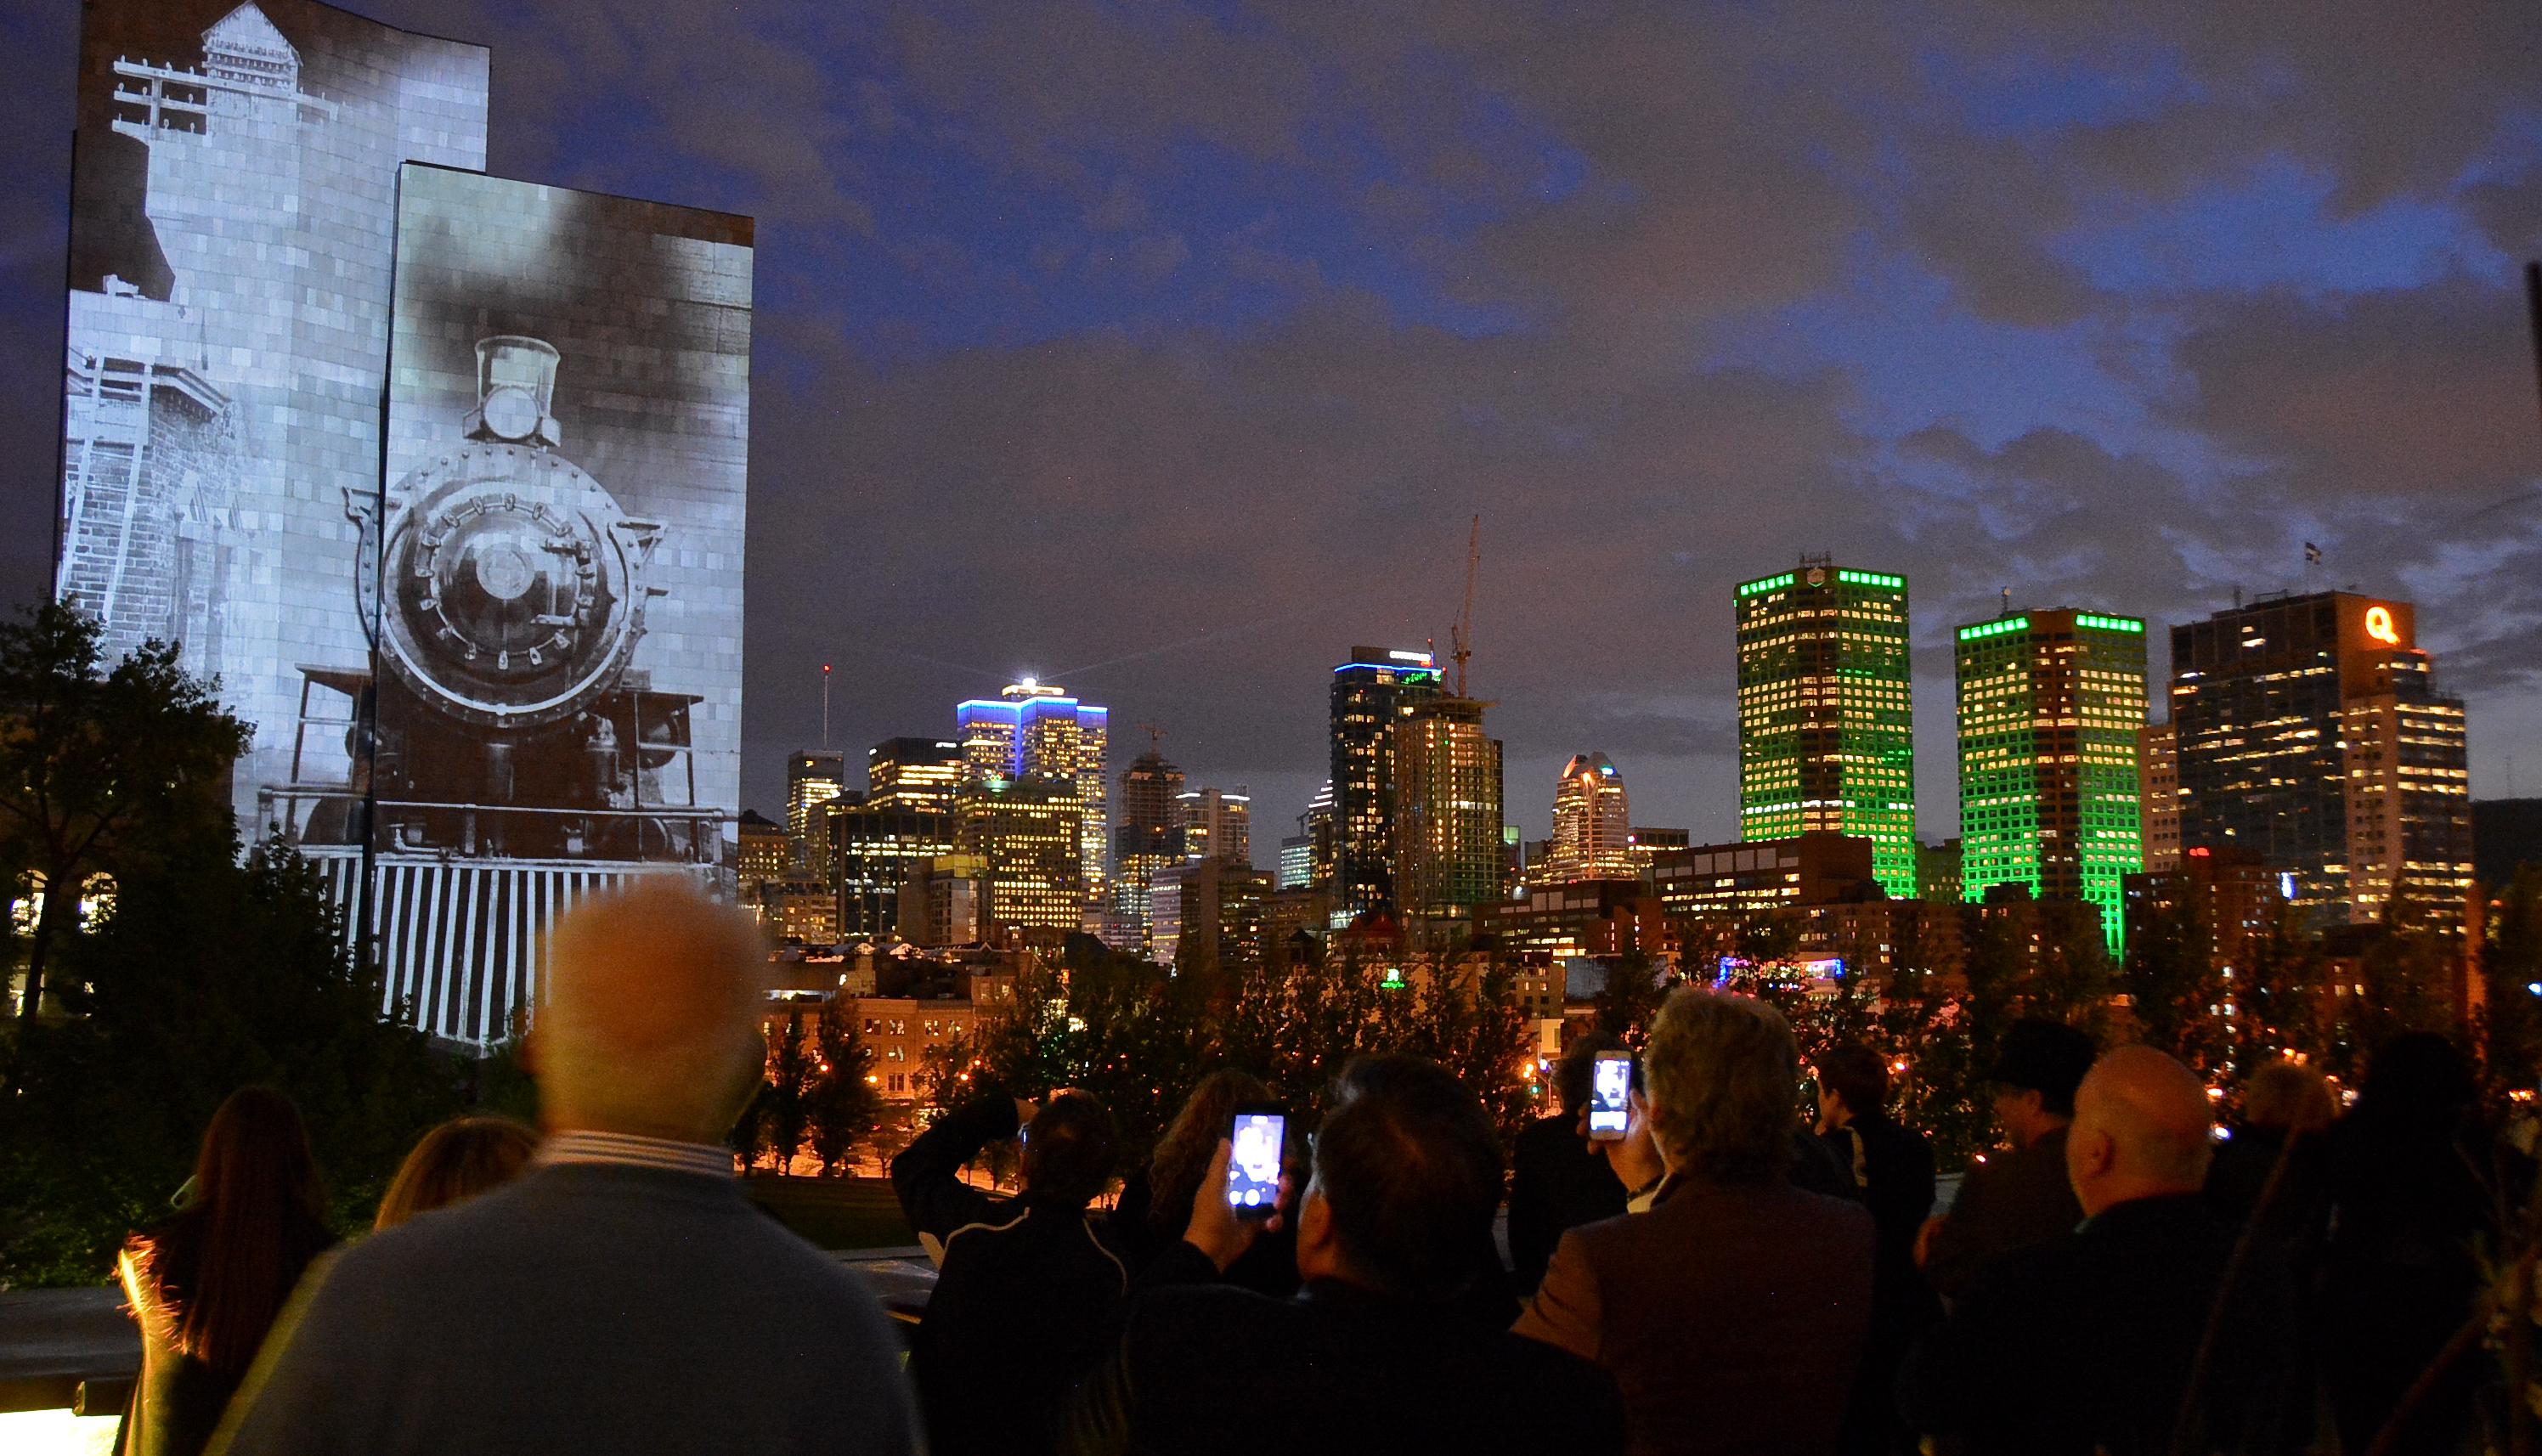 Cité Mémoire allume les murs de Montréal en une épopée historique unique au monde